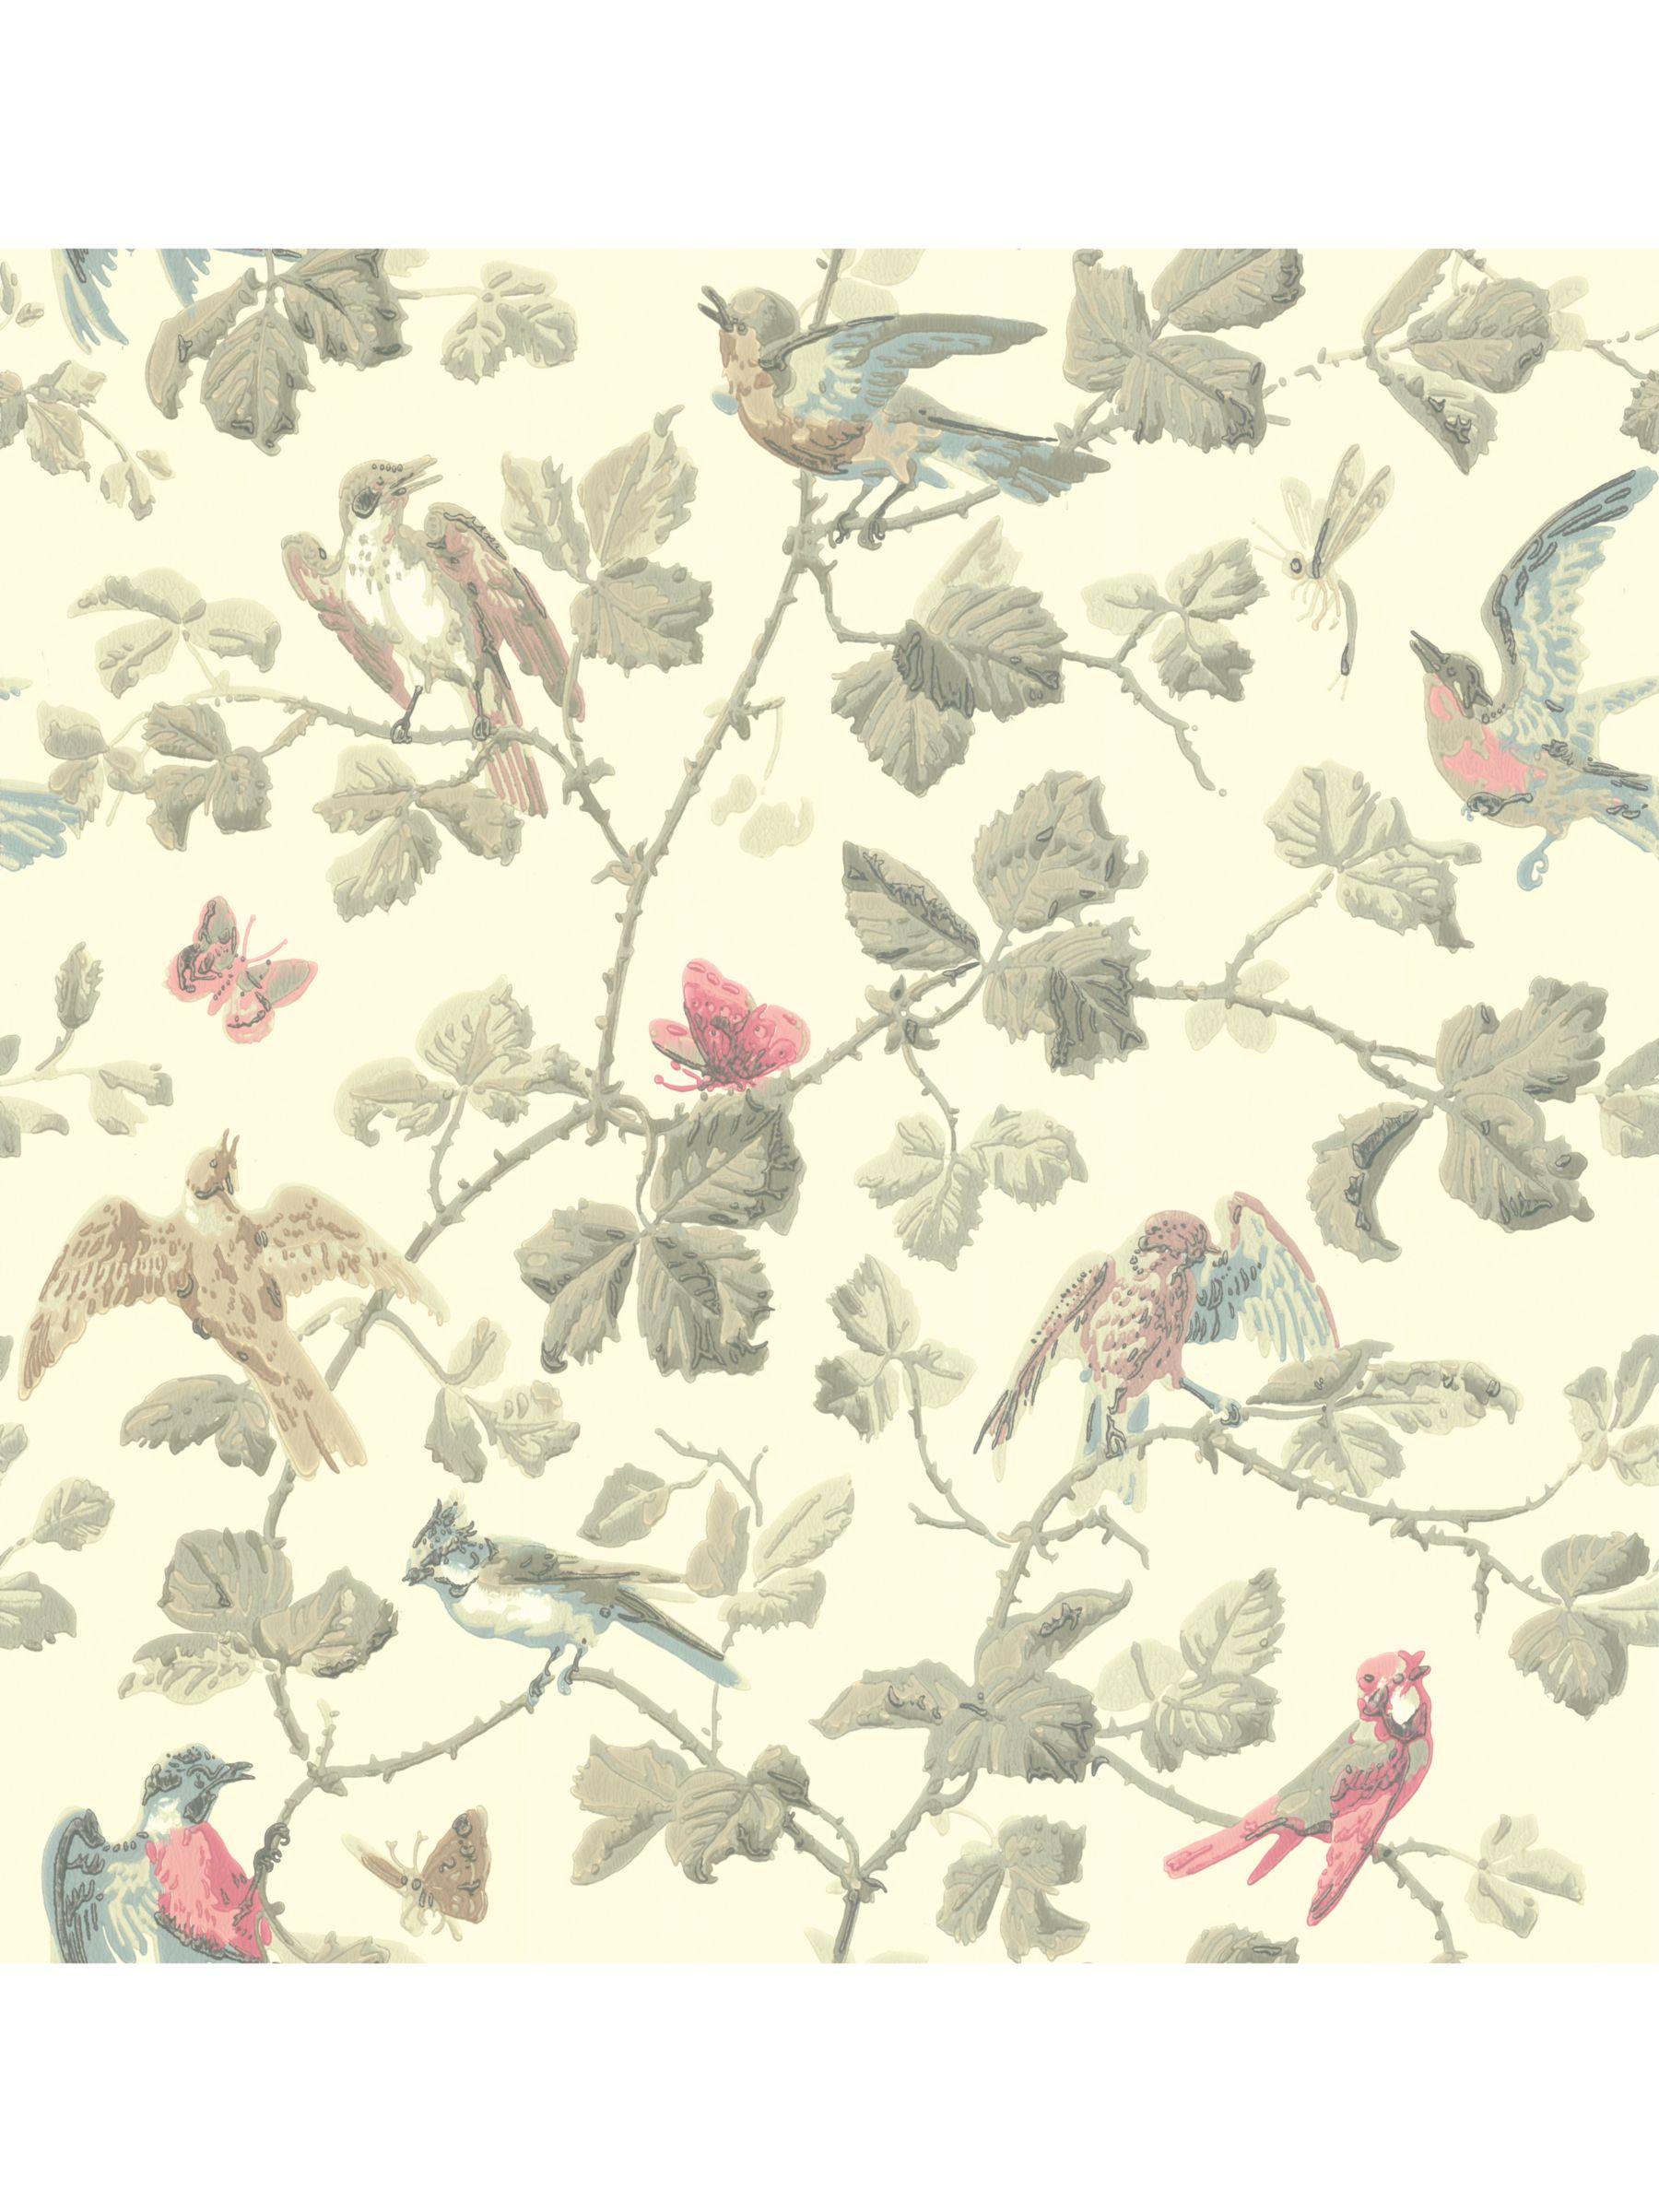 Cole & Son Cole & Son Winter Birds Wallpaper